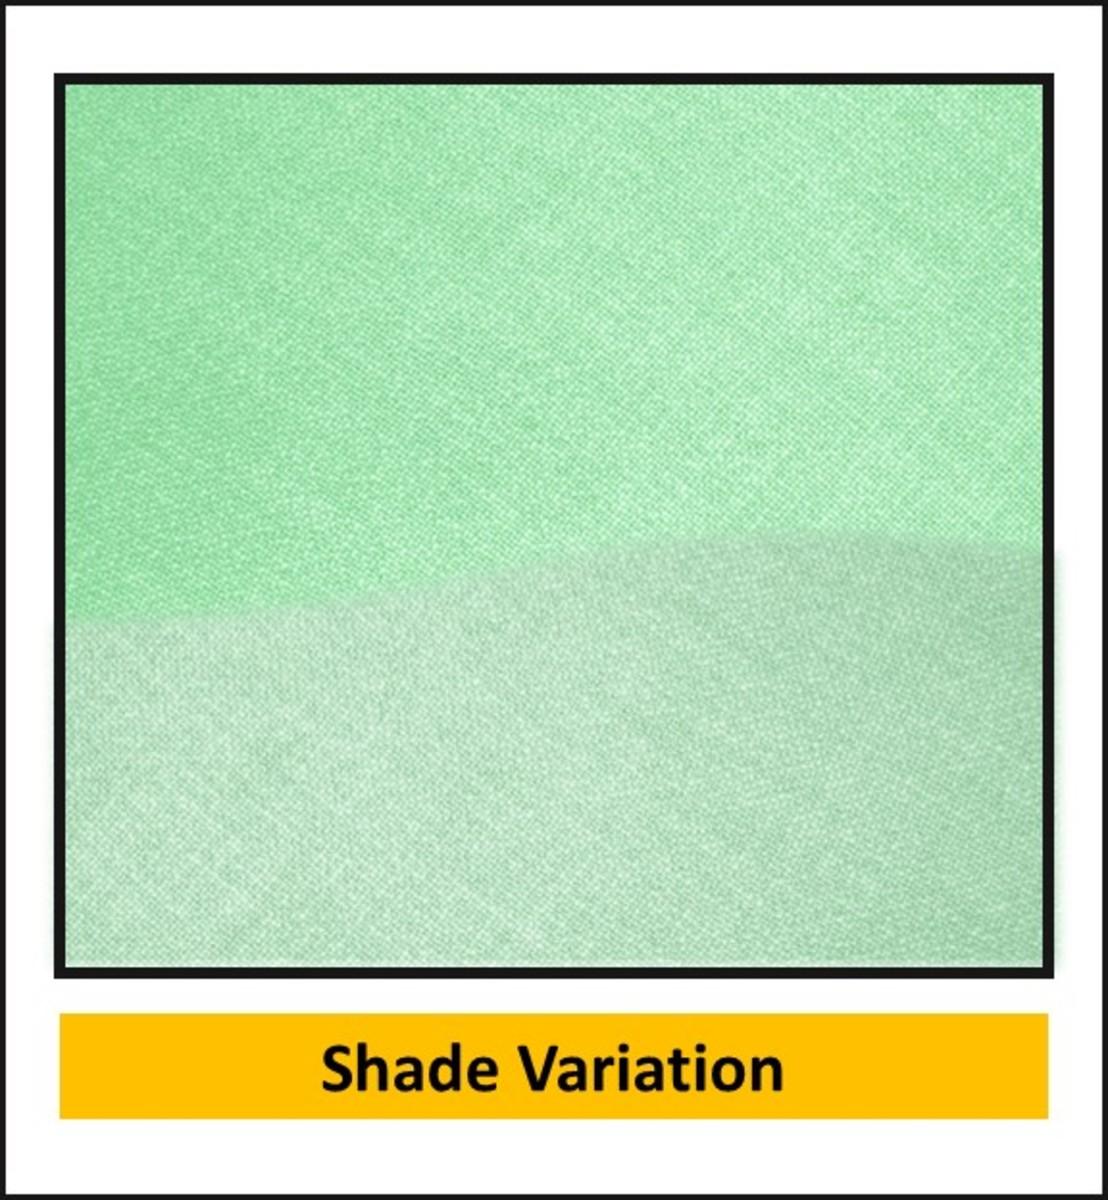 Shade Variation